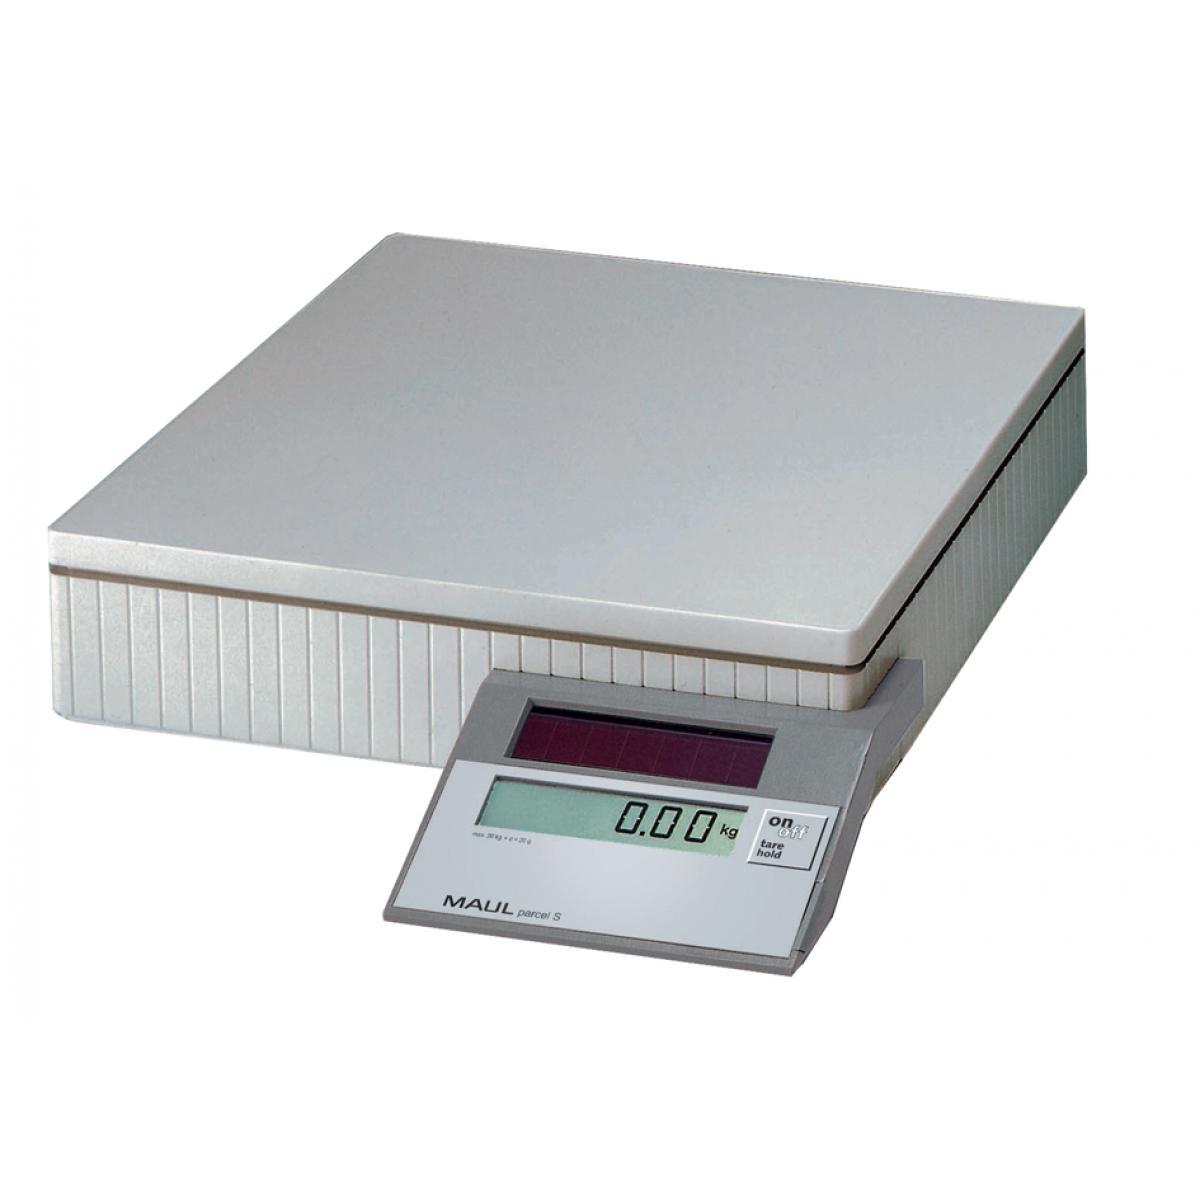 MAULparcel S Solar Paketwaage, Tragkraft: 50 kg, Farbe: grau (4002390011853)